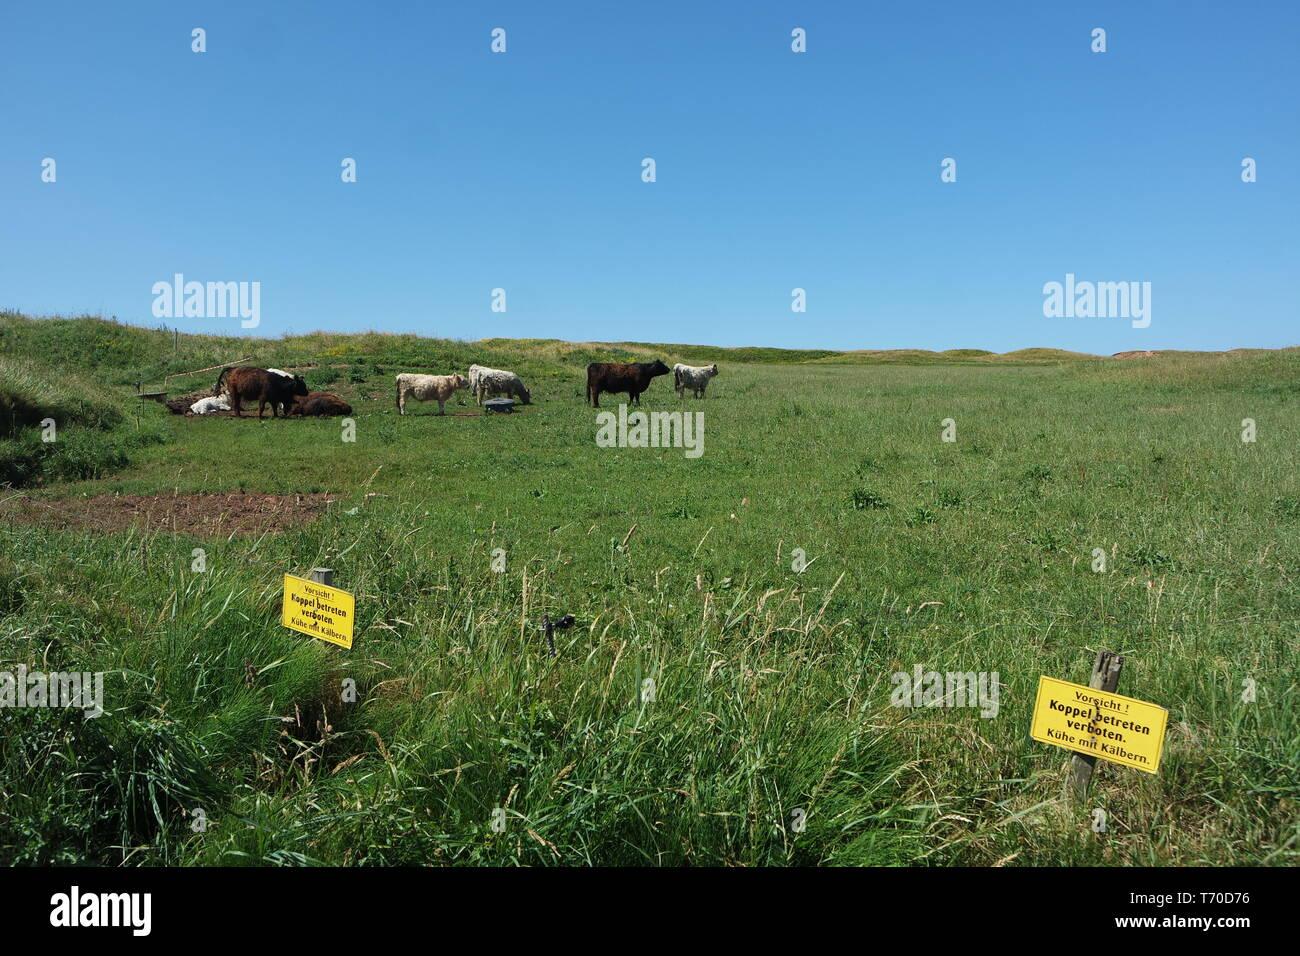 Pastureland on Heligoland - Stock Image